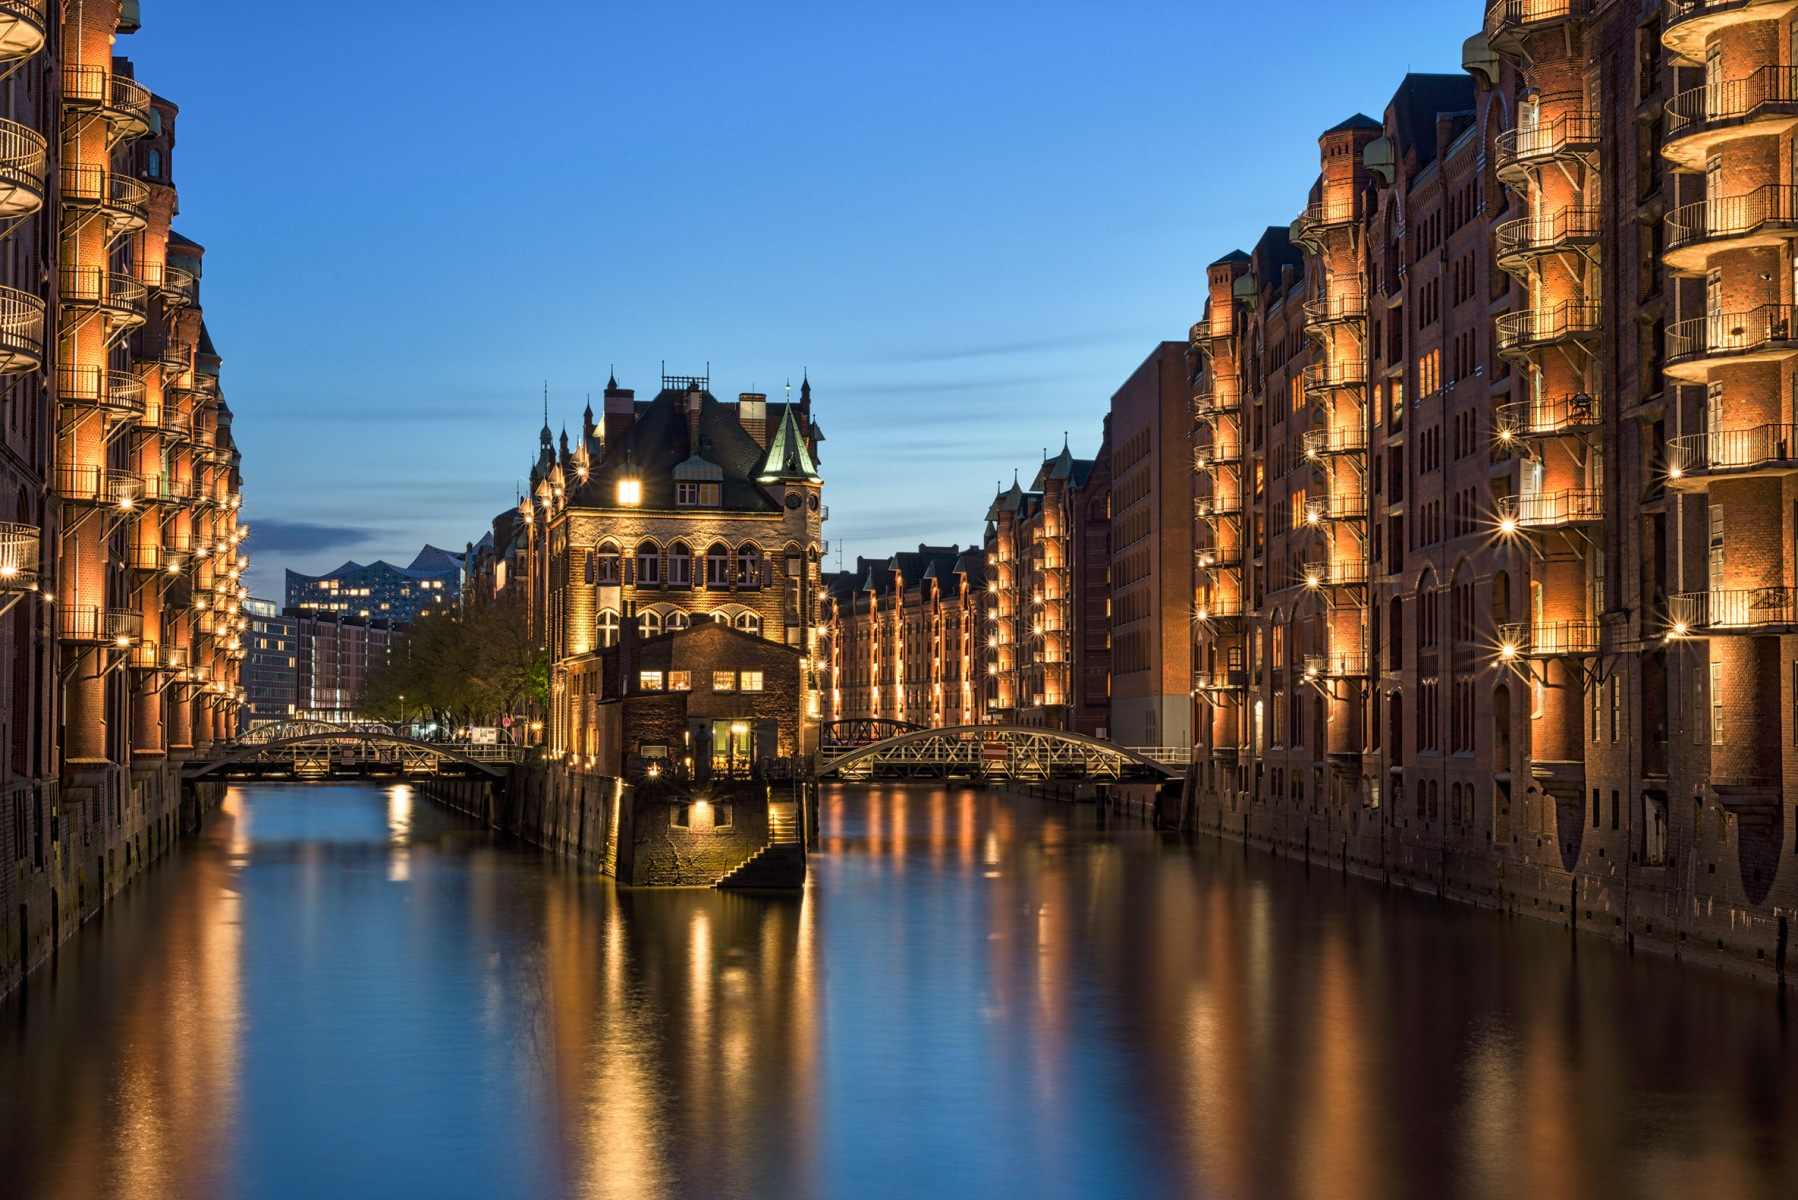 Wasserschloss Speicherstadt, Hamburg